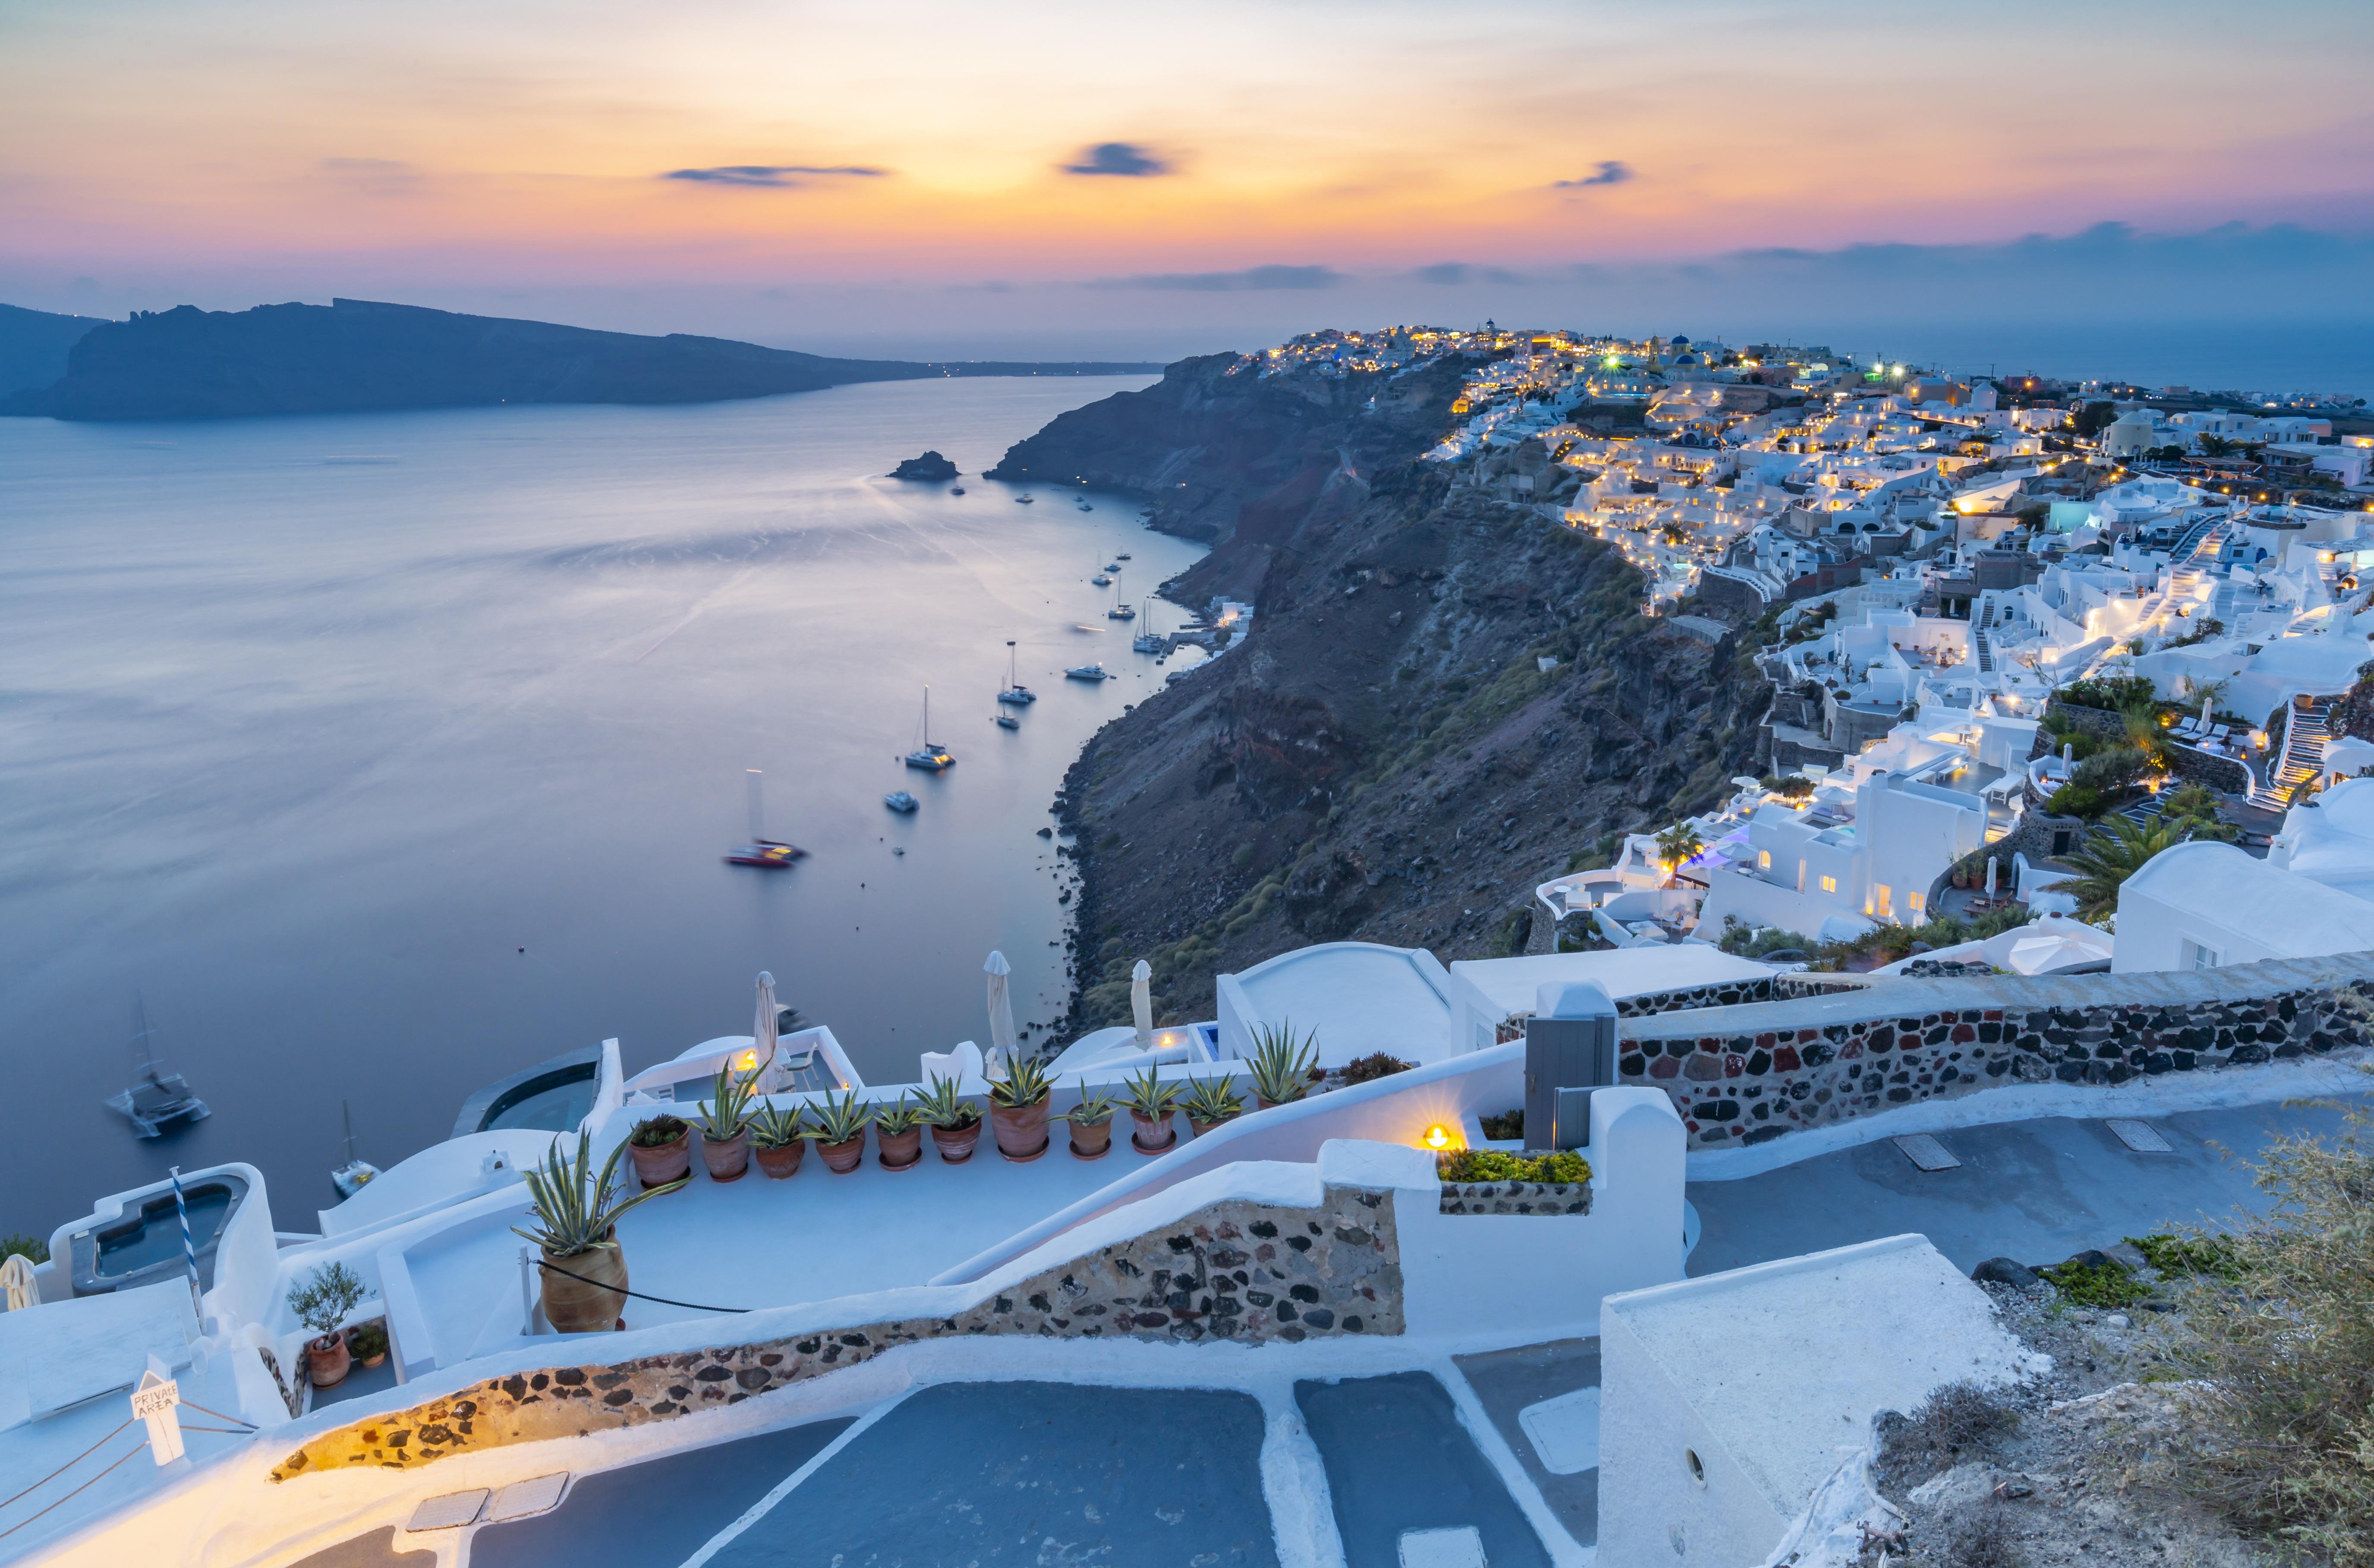 A görögök azt javasolják az EU-nak, hogy aki beoltatta magát, az szabadon utazhasson